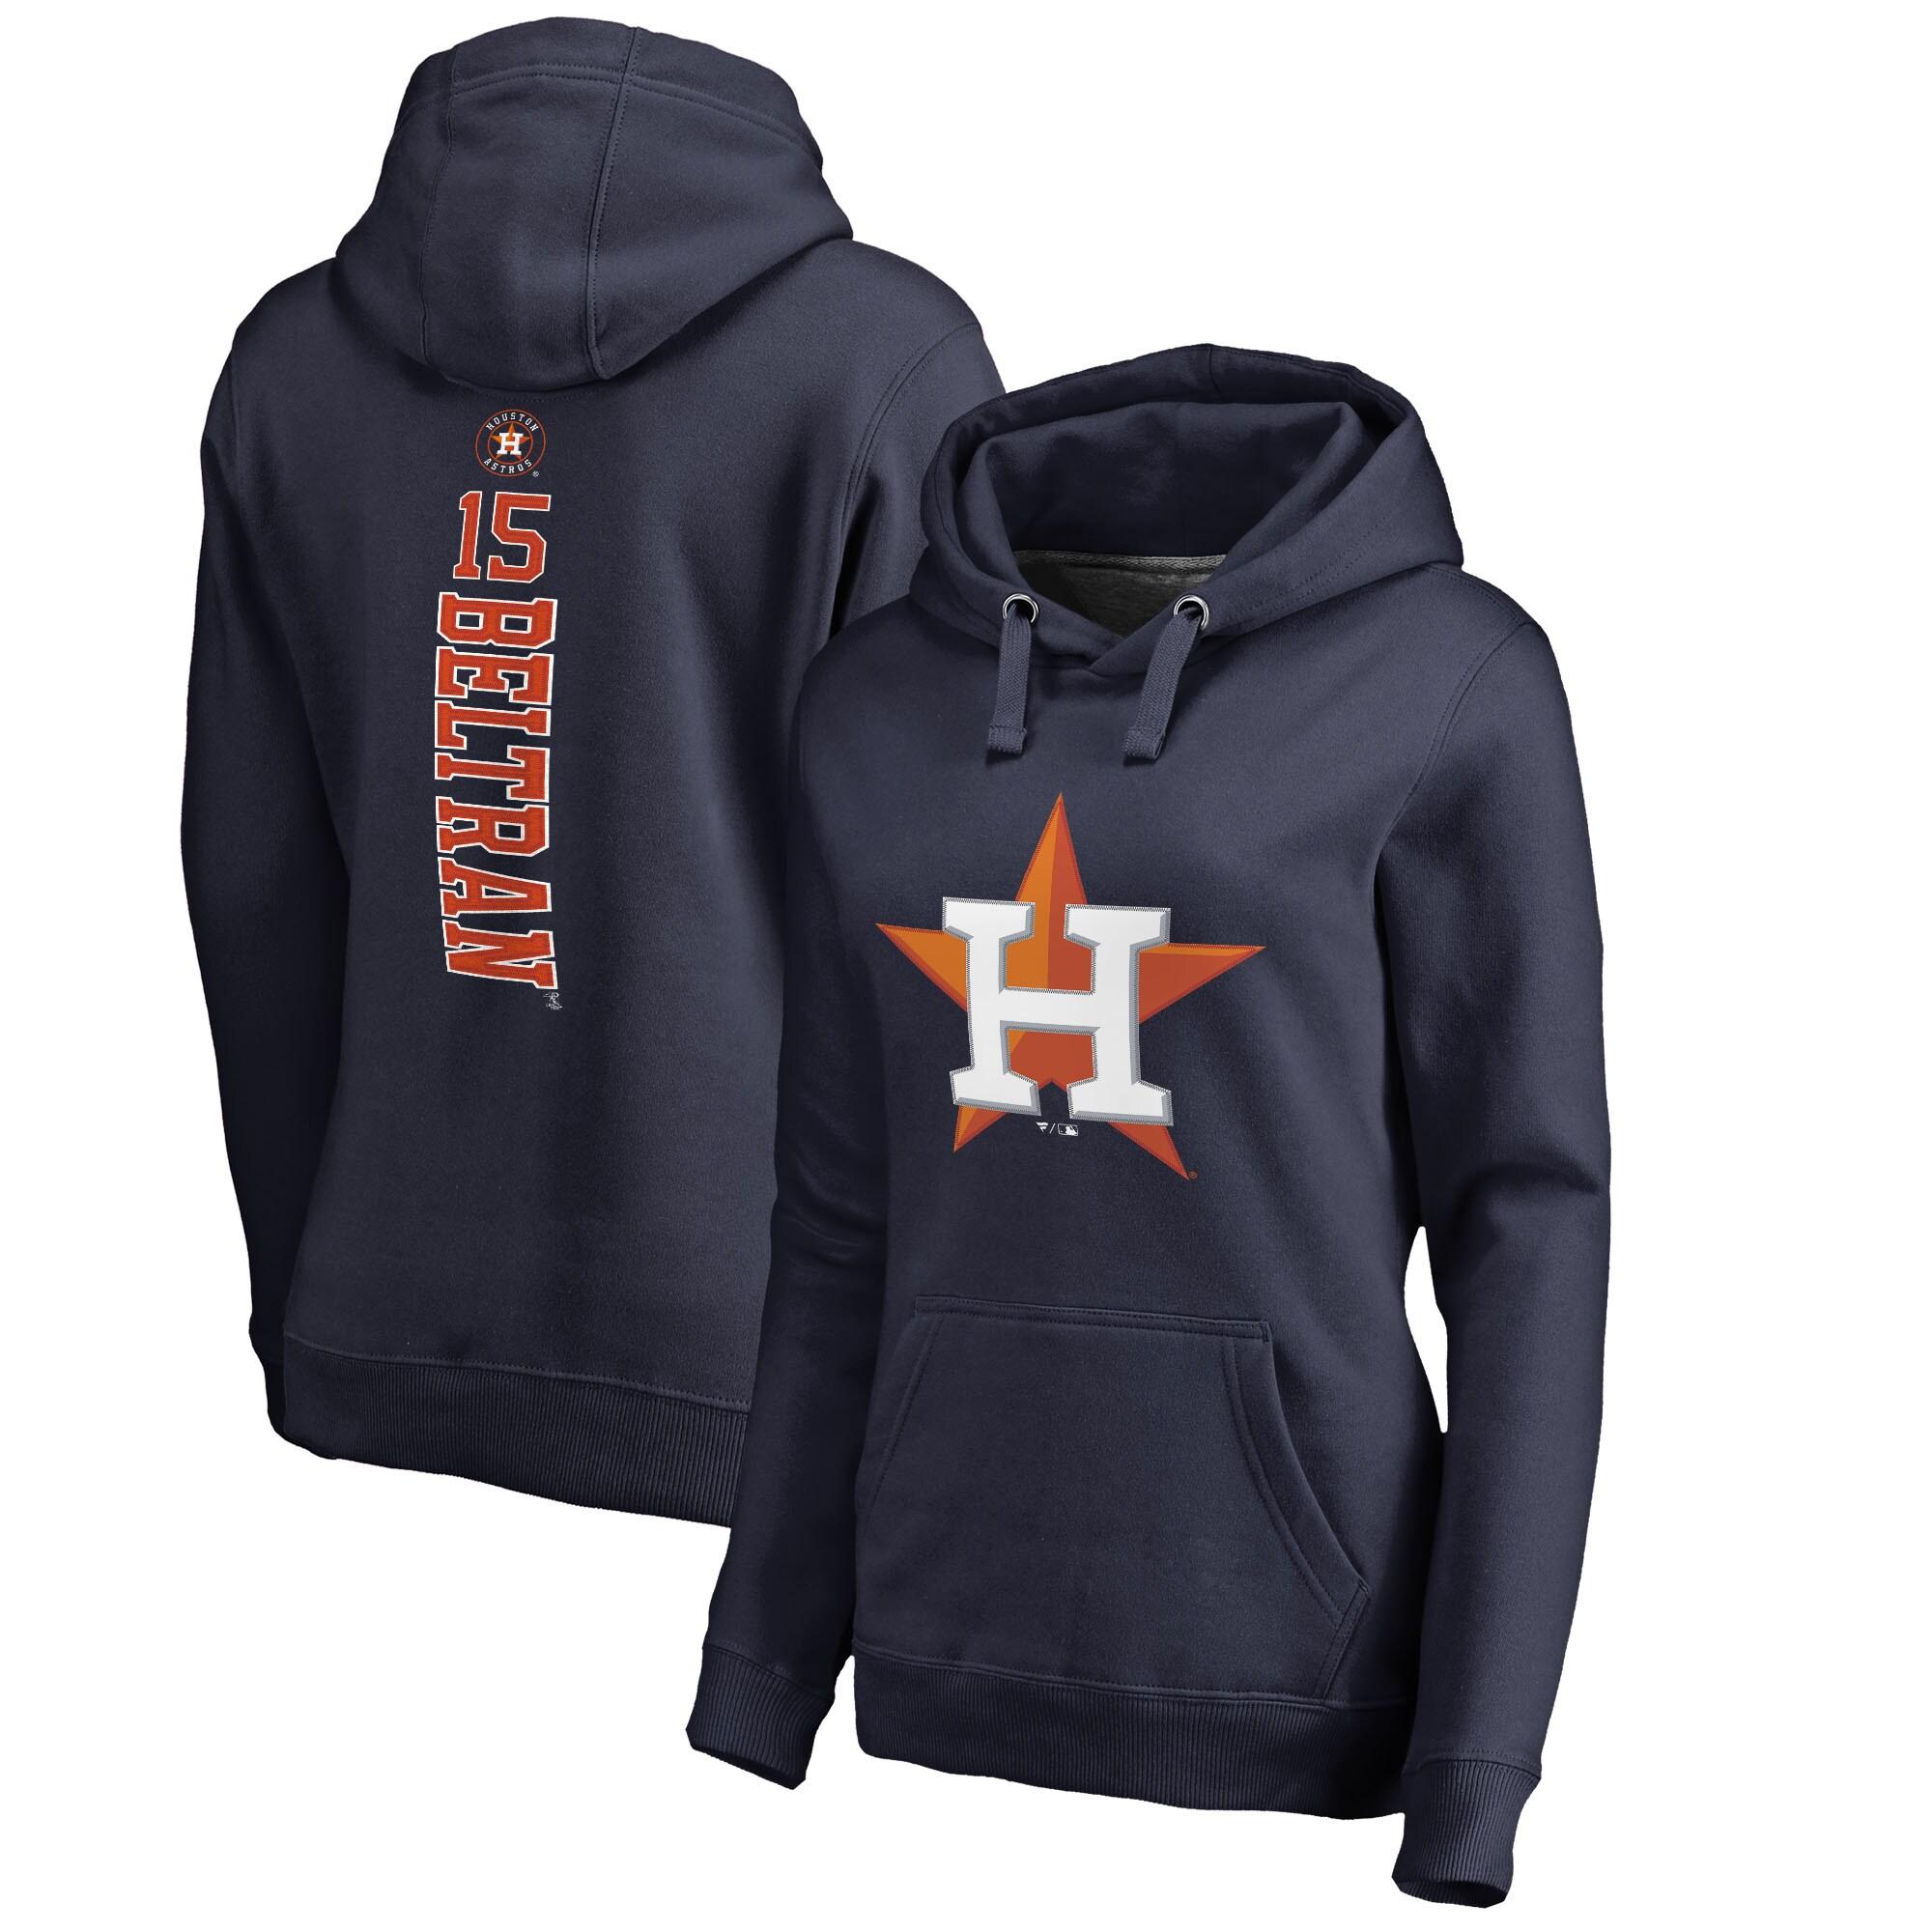 Carlos Beltran Houston Astros Fanatics Branded Women's Backer Pullover Hoodie - Navy